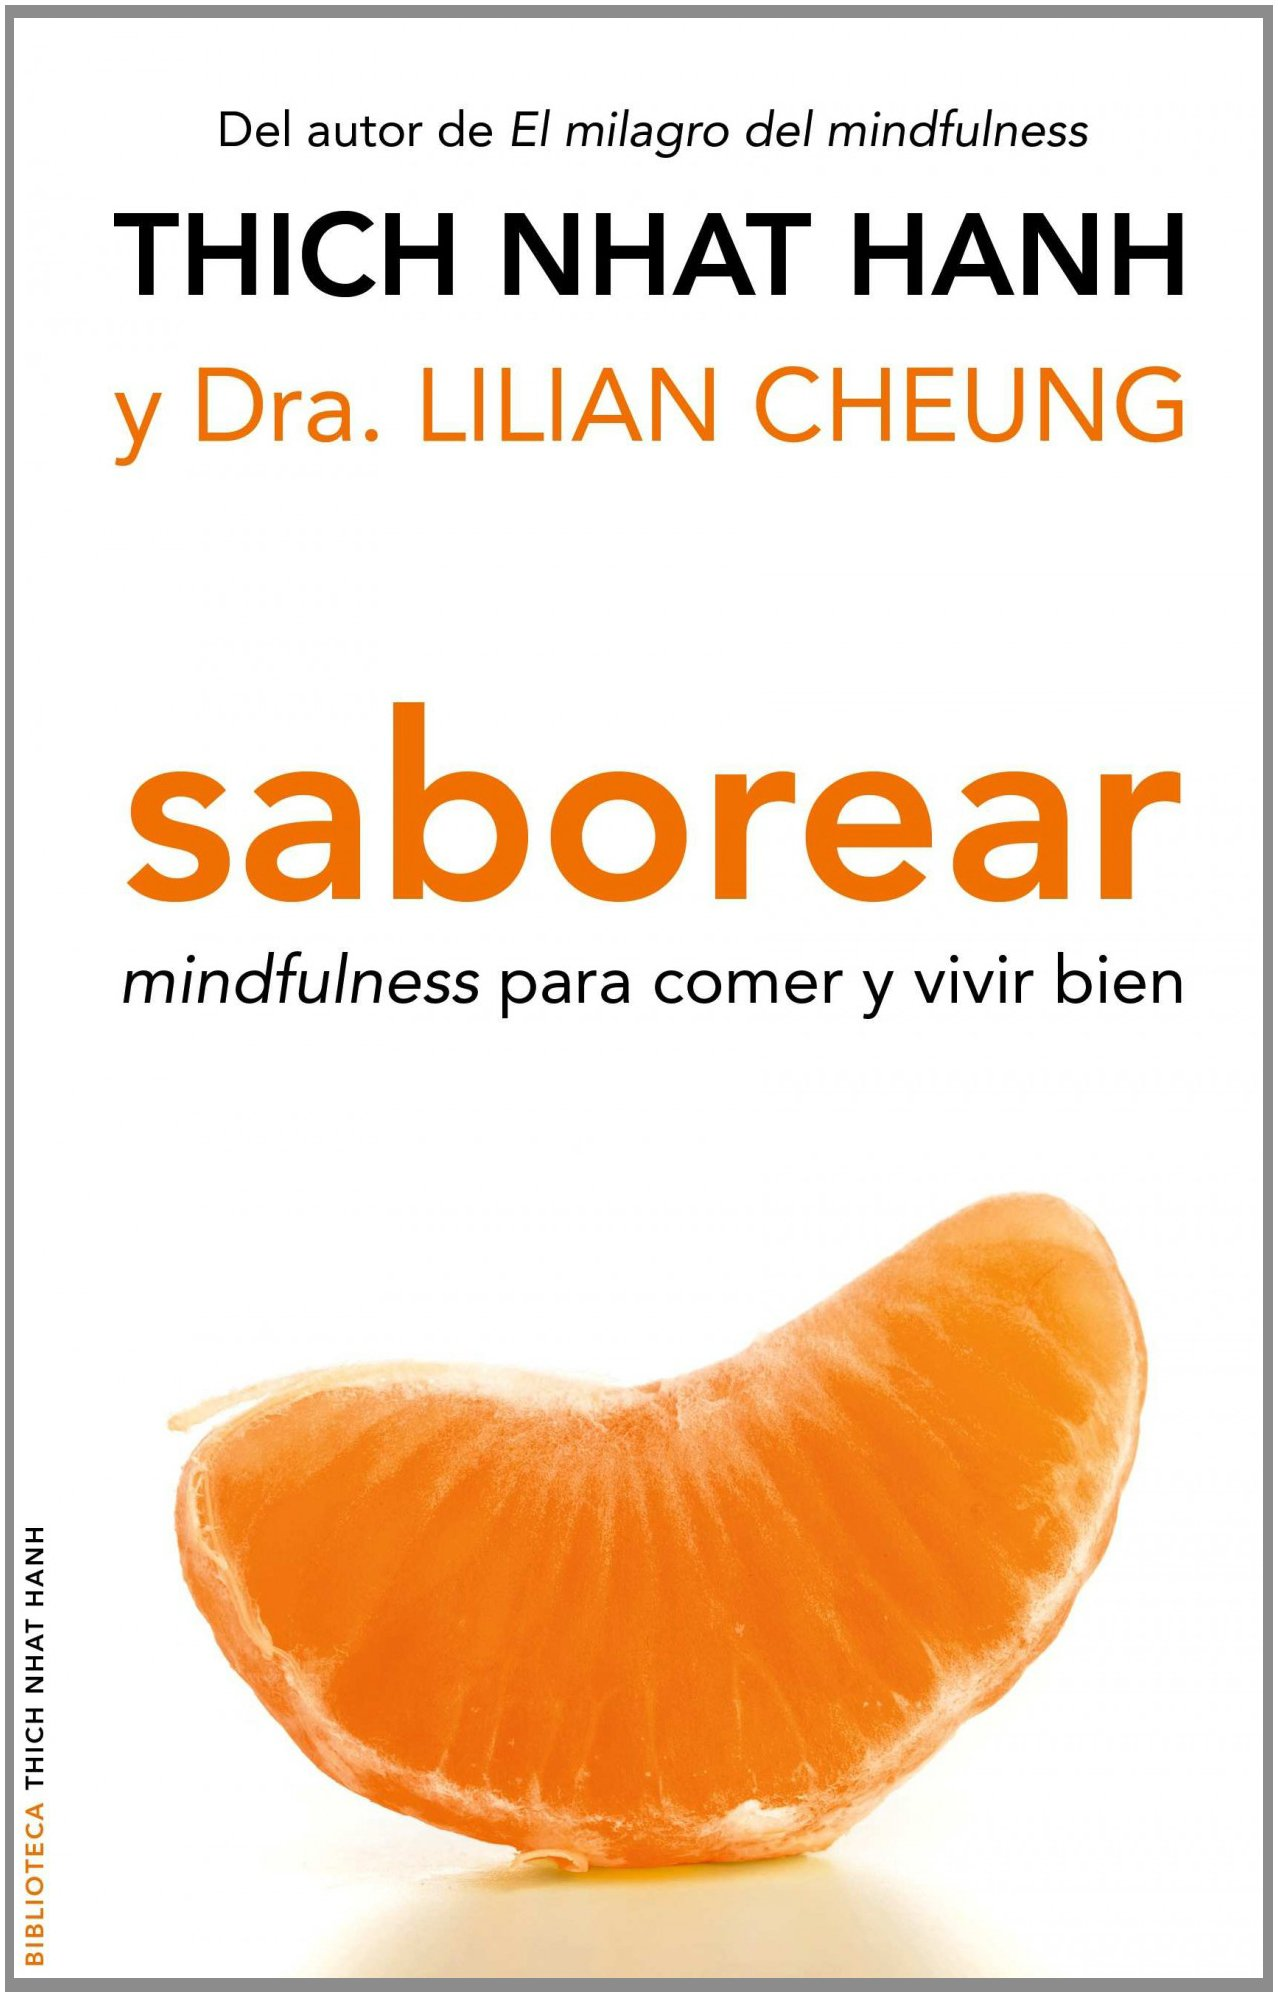 Saborear: mindfulness para comer y vivir bien (Biblioteca Thich Nhat Hanh) Tapa blanda – 4 mar 2011 Lilian Cheung Ediciones Oniro 8497545184 Cooking / General